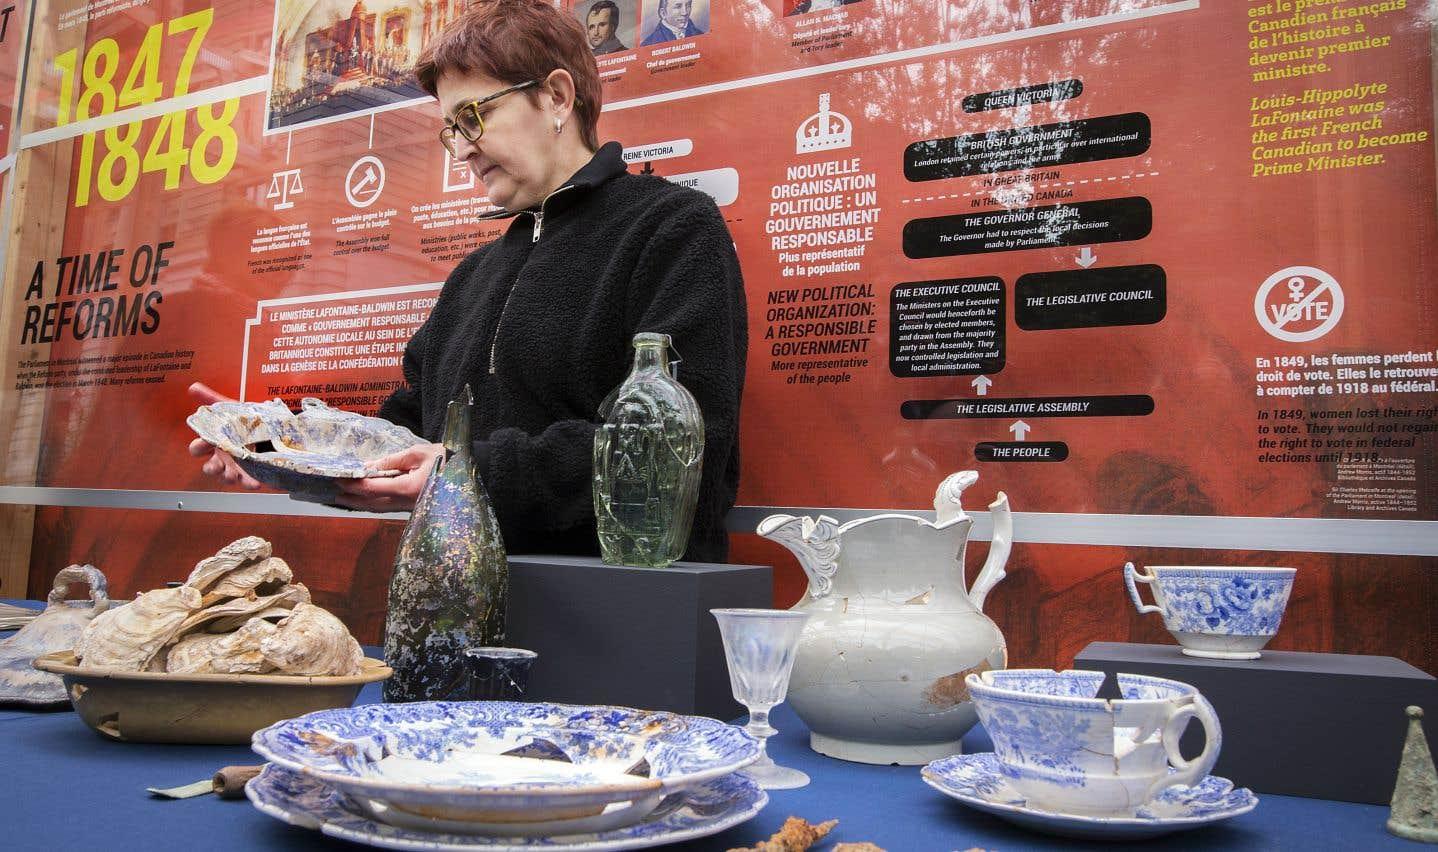 Des artefacts inattendus refont surface sur le site du premier parlement du Canada